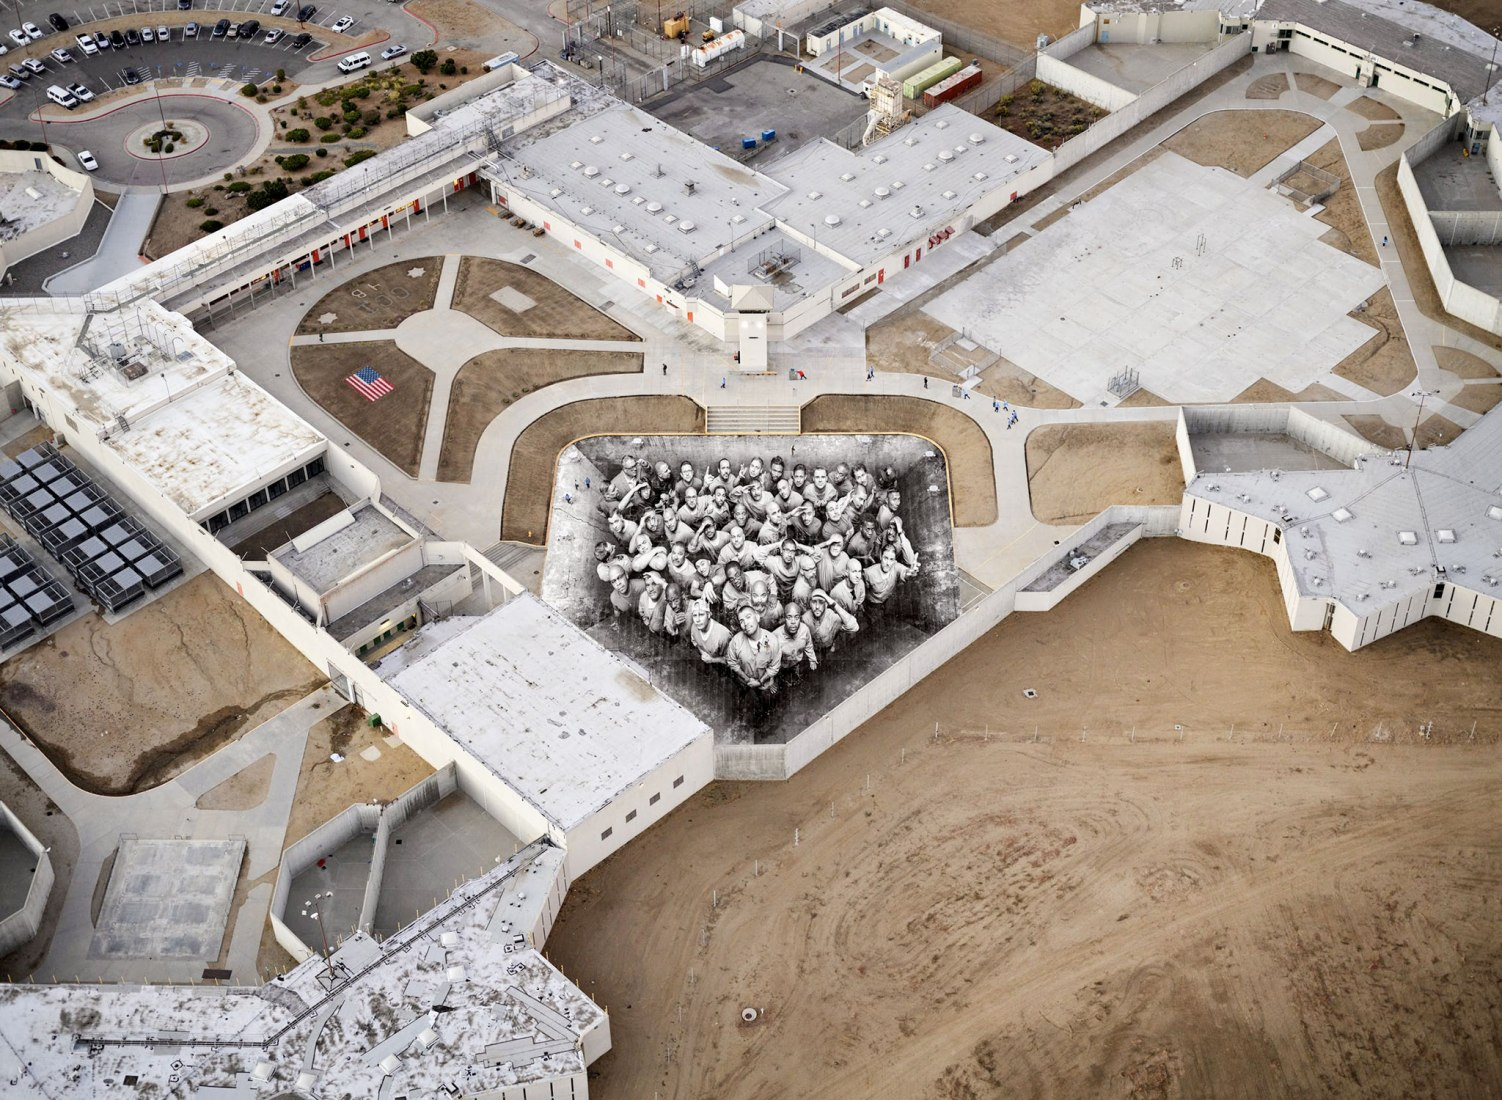 Tehachapi, California, vista aérea del pegado, 2019. Imagen cortesía del artista.